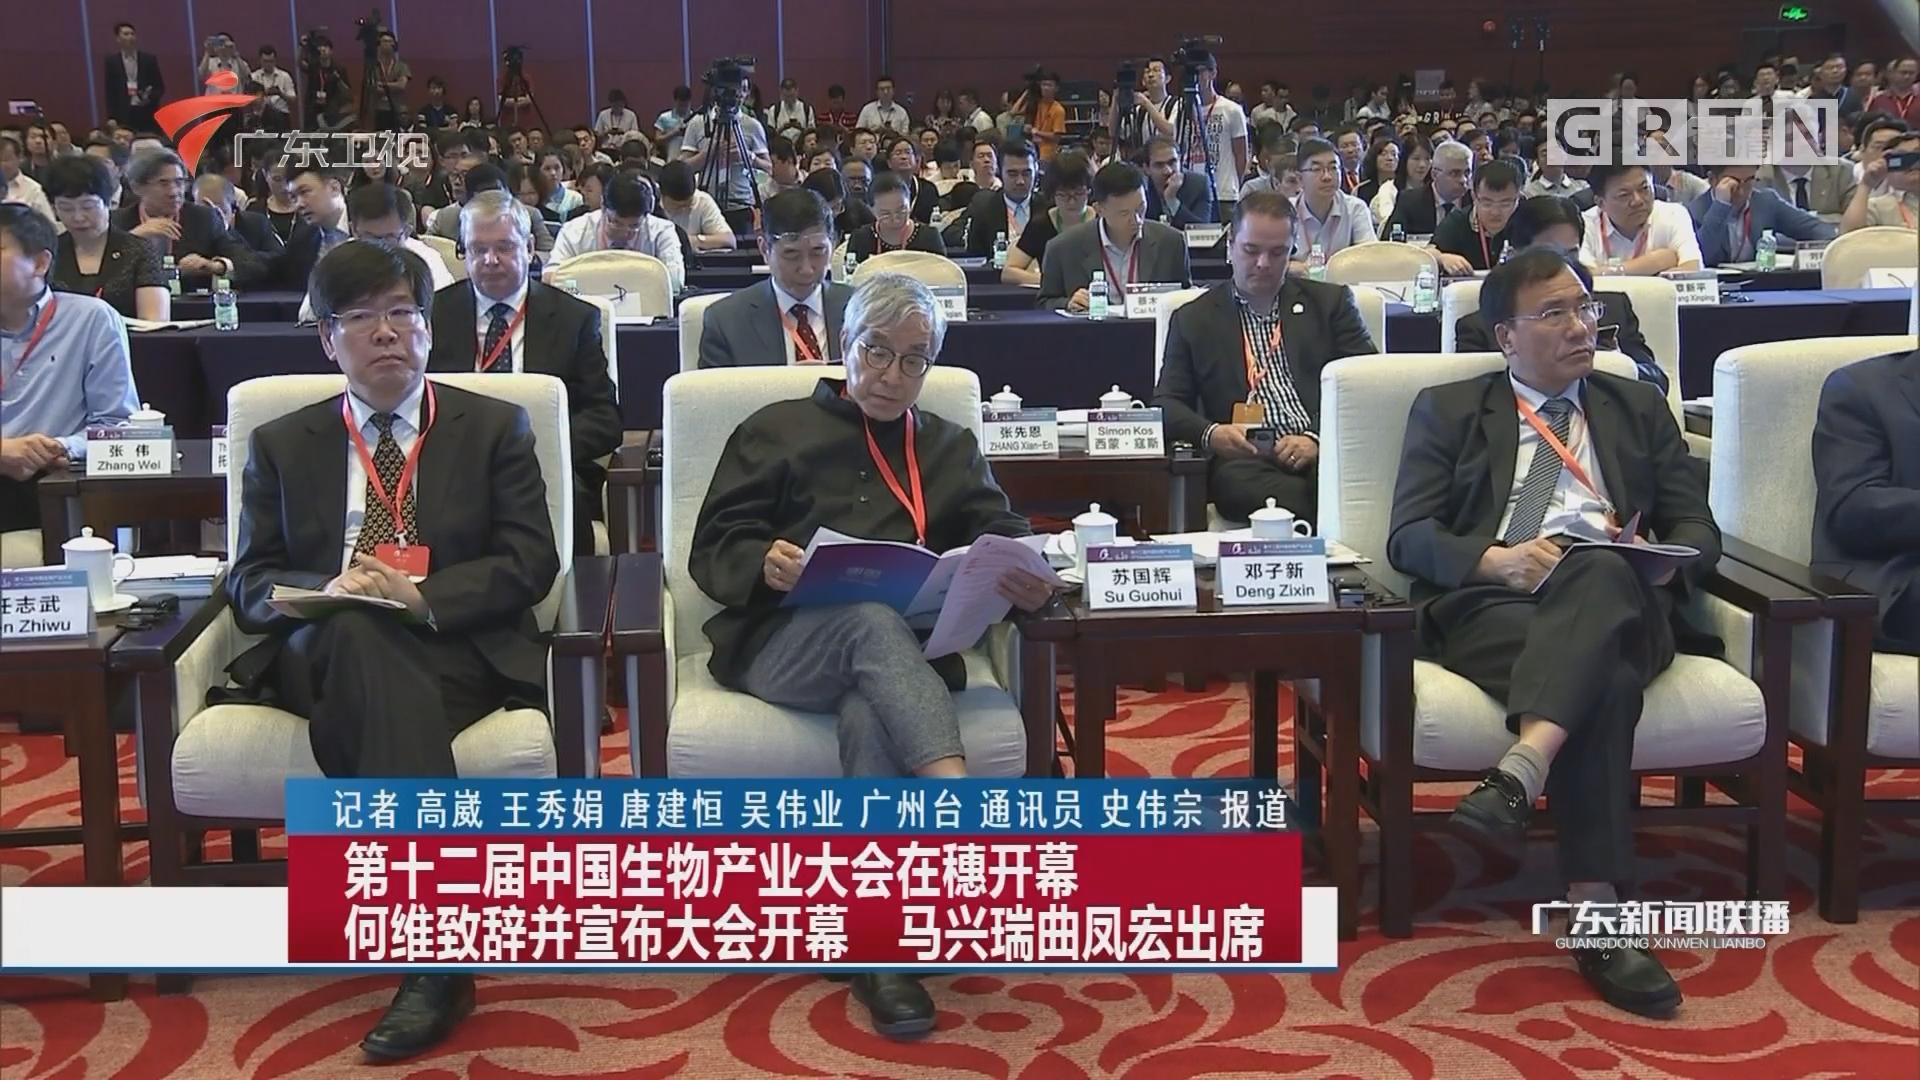 第十二届中国生物产业大会在穗开幕 何维致辞并宣布大会开幕 马兴瑞曲凤宏出席